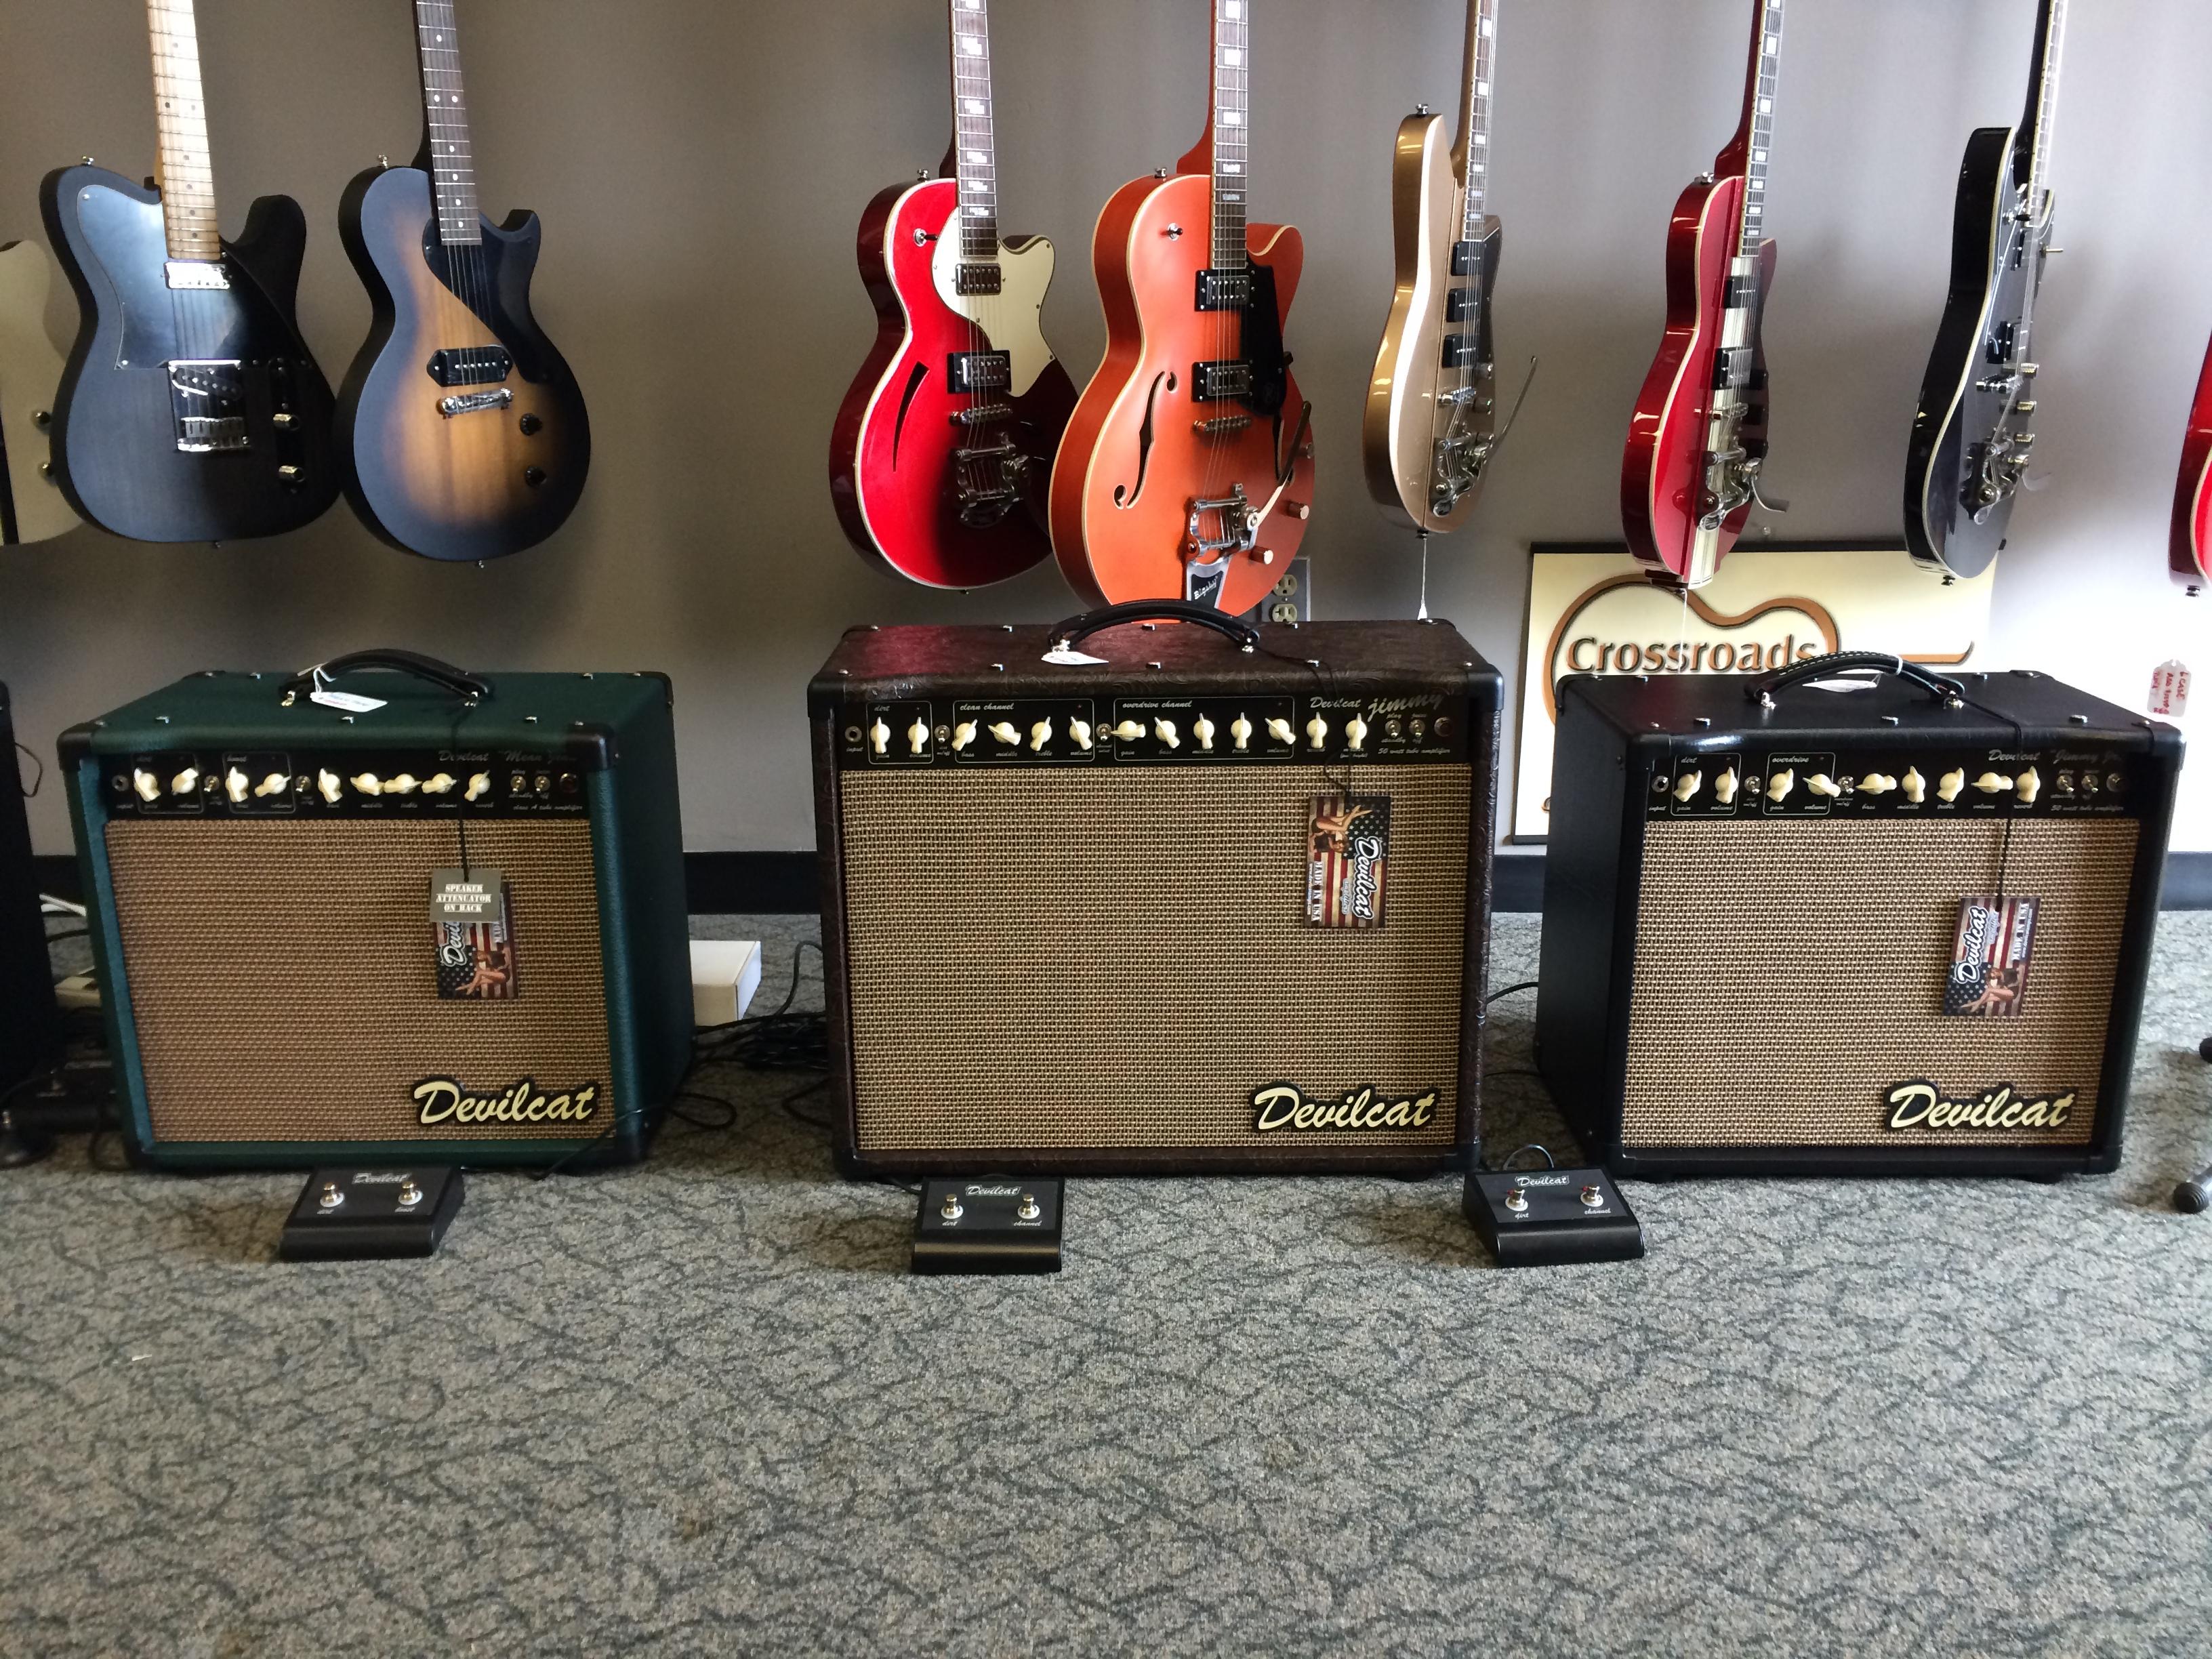 Devilcat Amplifiers